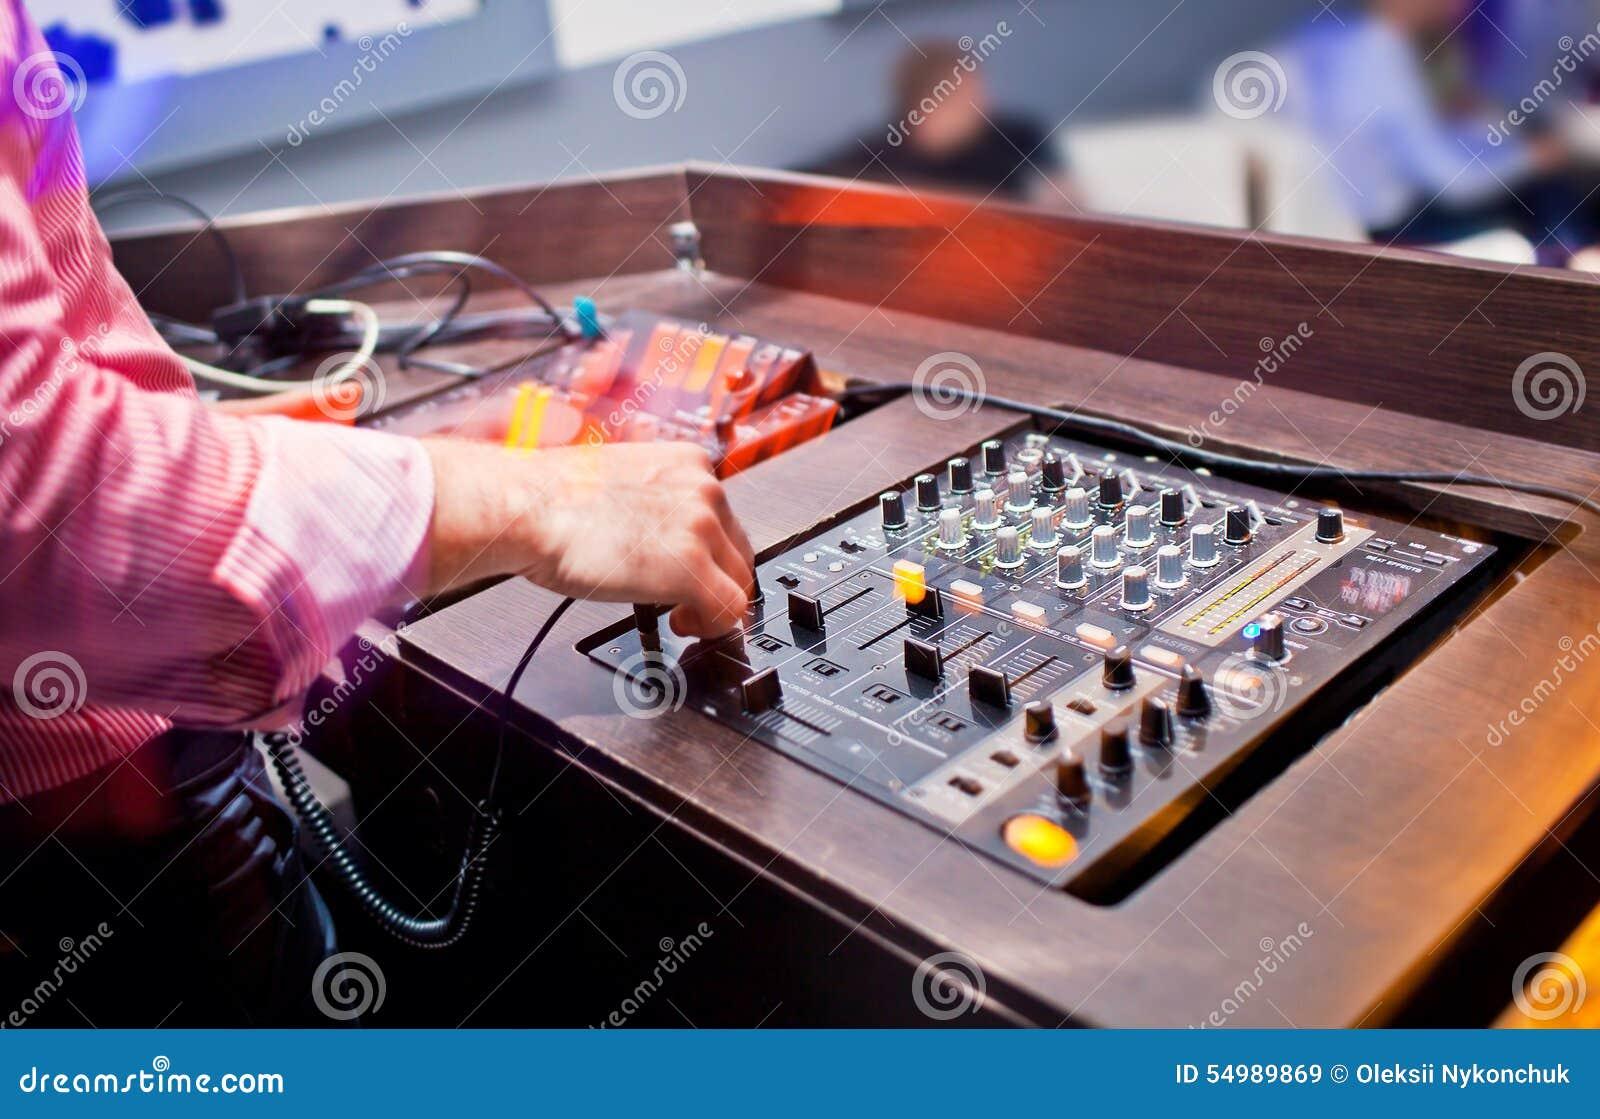 Discjockey som blandar musik på konsolen på nattklubben